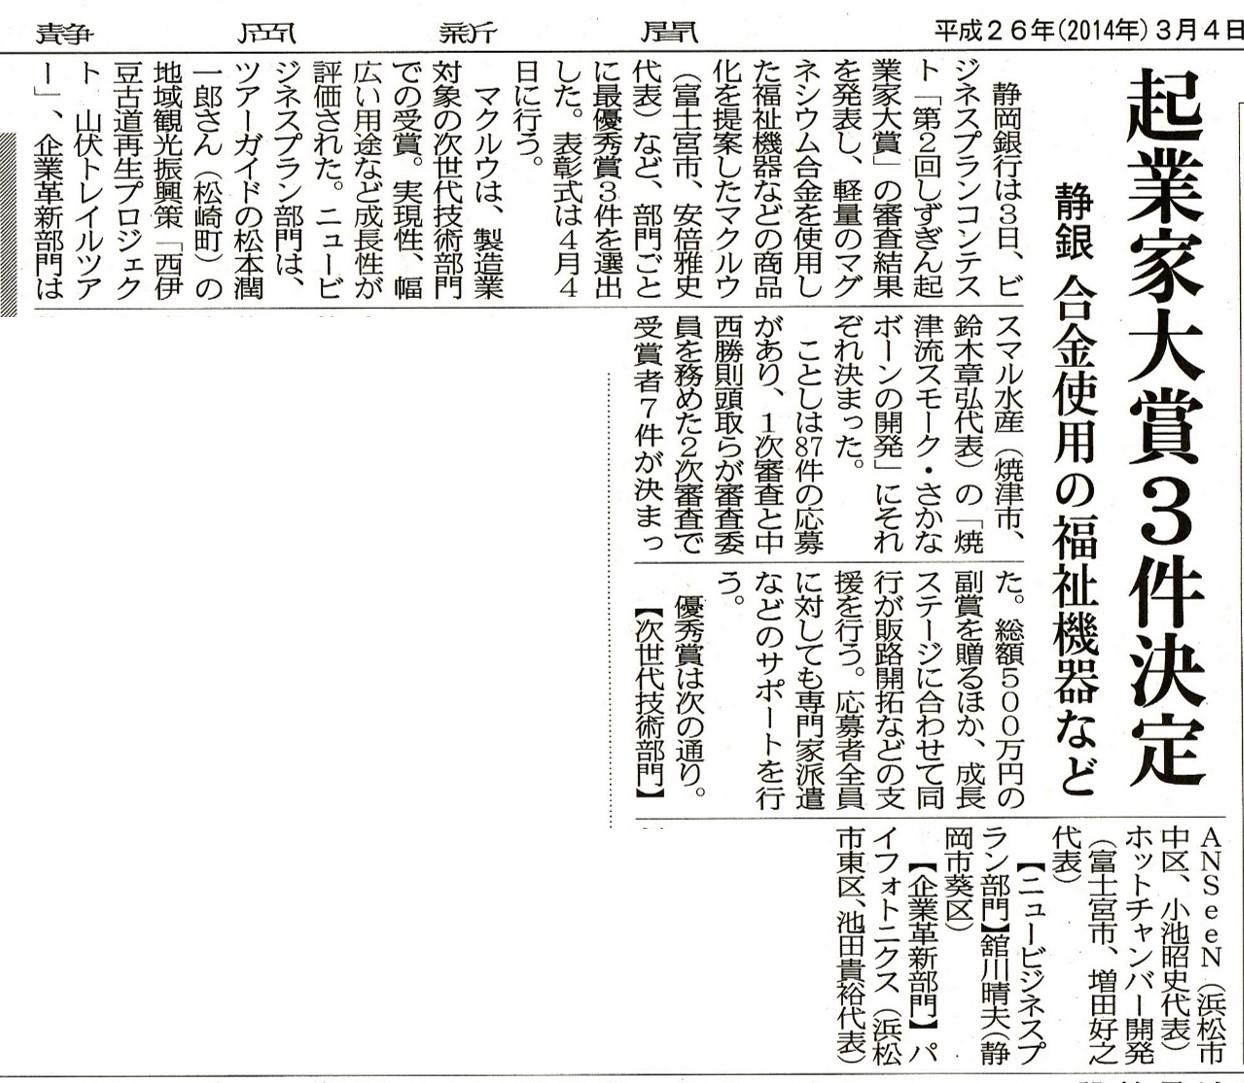 20140304Shizuokashinbun